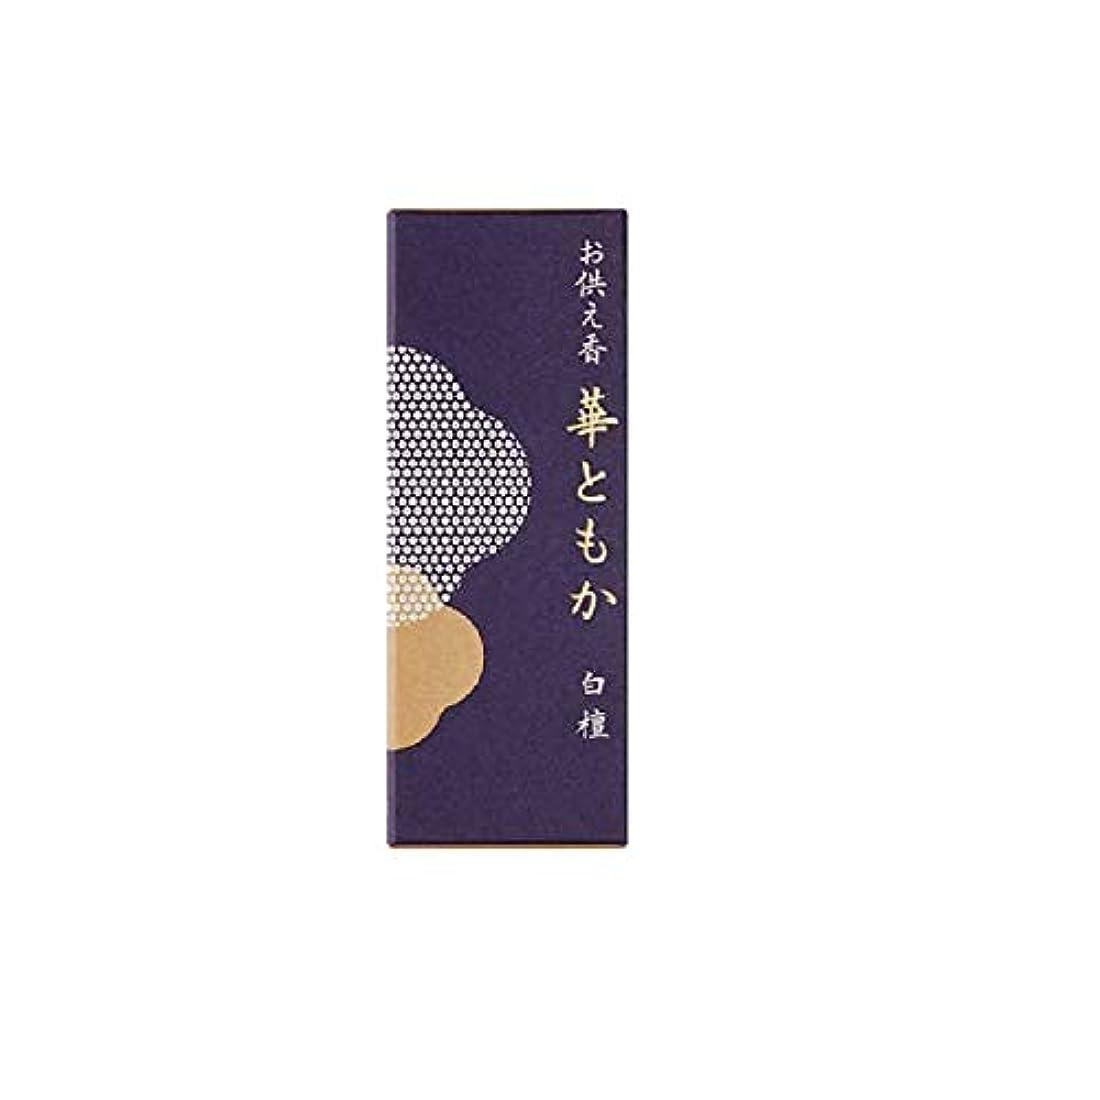 契約する手当ポンプお供え香 華ともか 補充用香料 白檀の香り